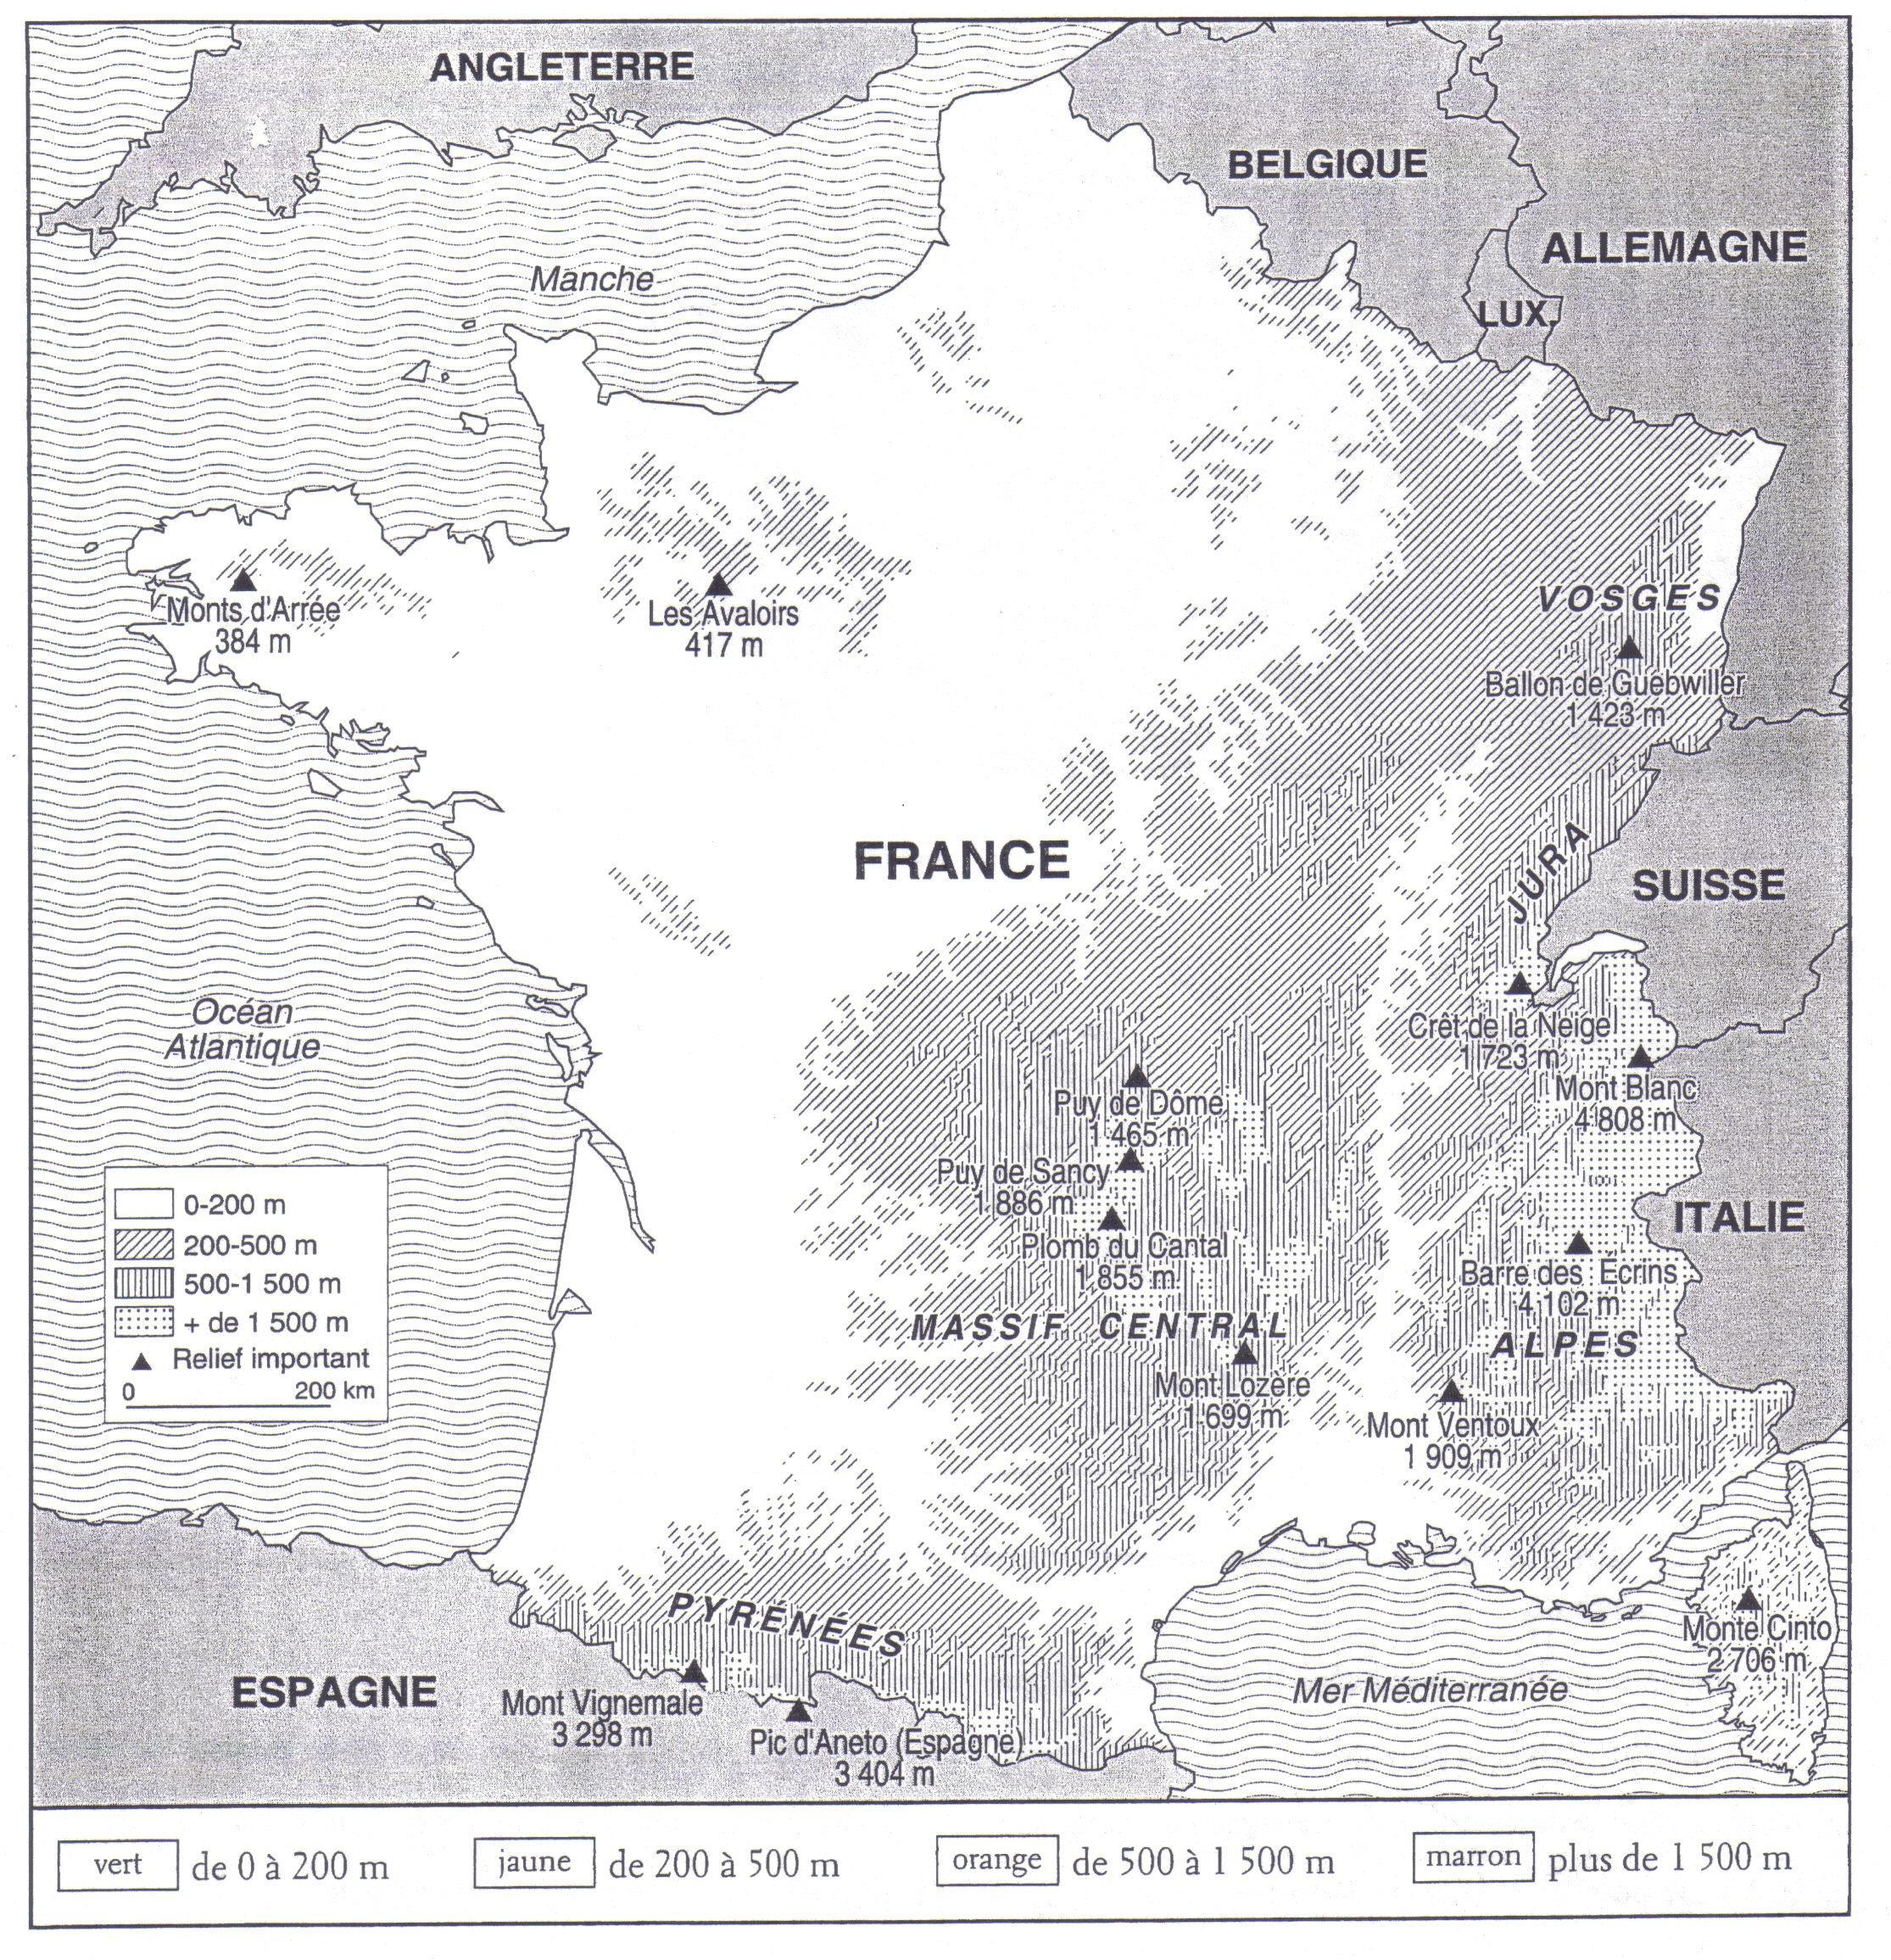 Travail Pour Le Jeudi 17 Octobre 2013 destiné Dessin Carte De France